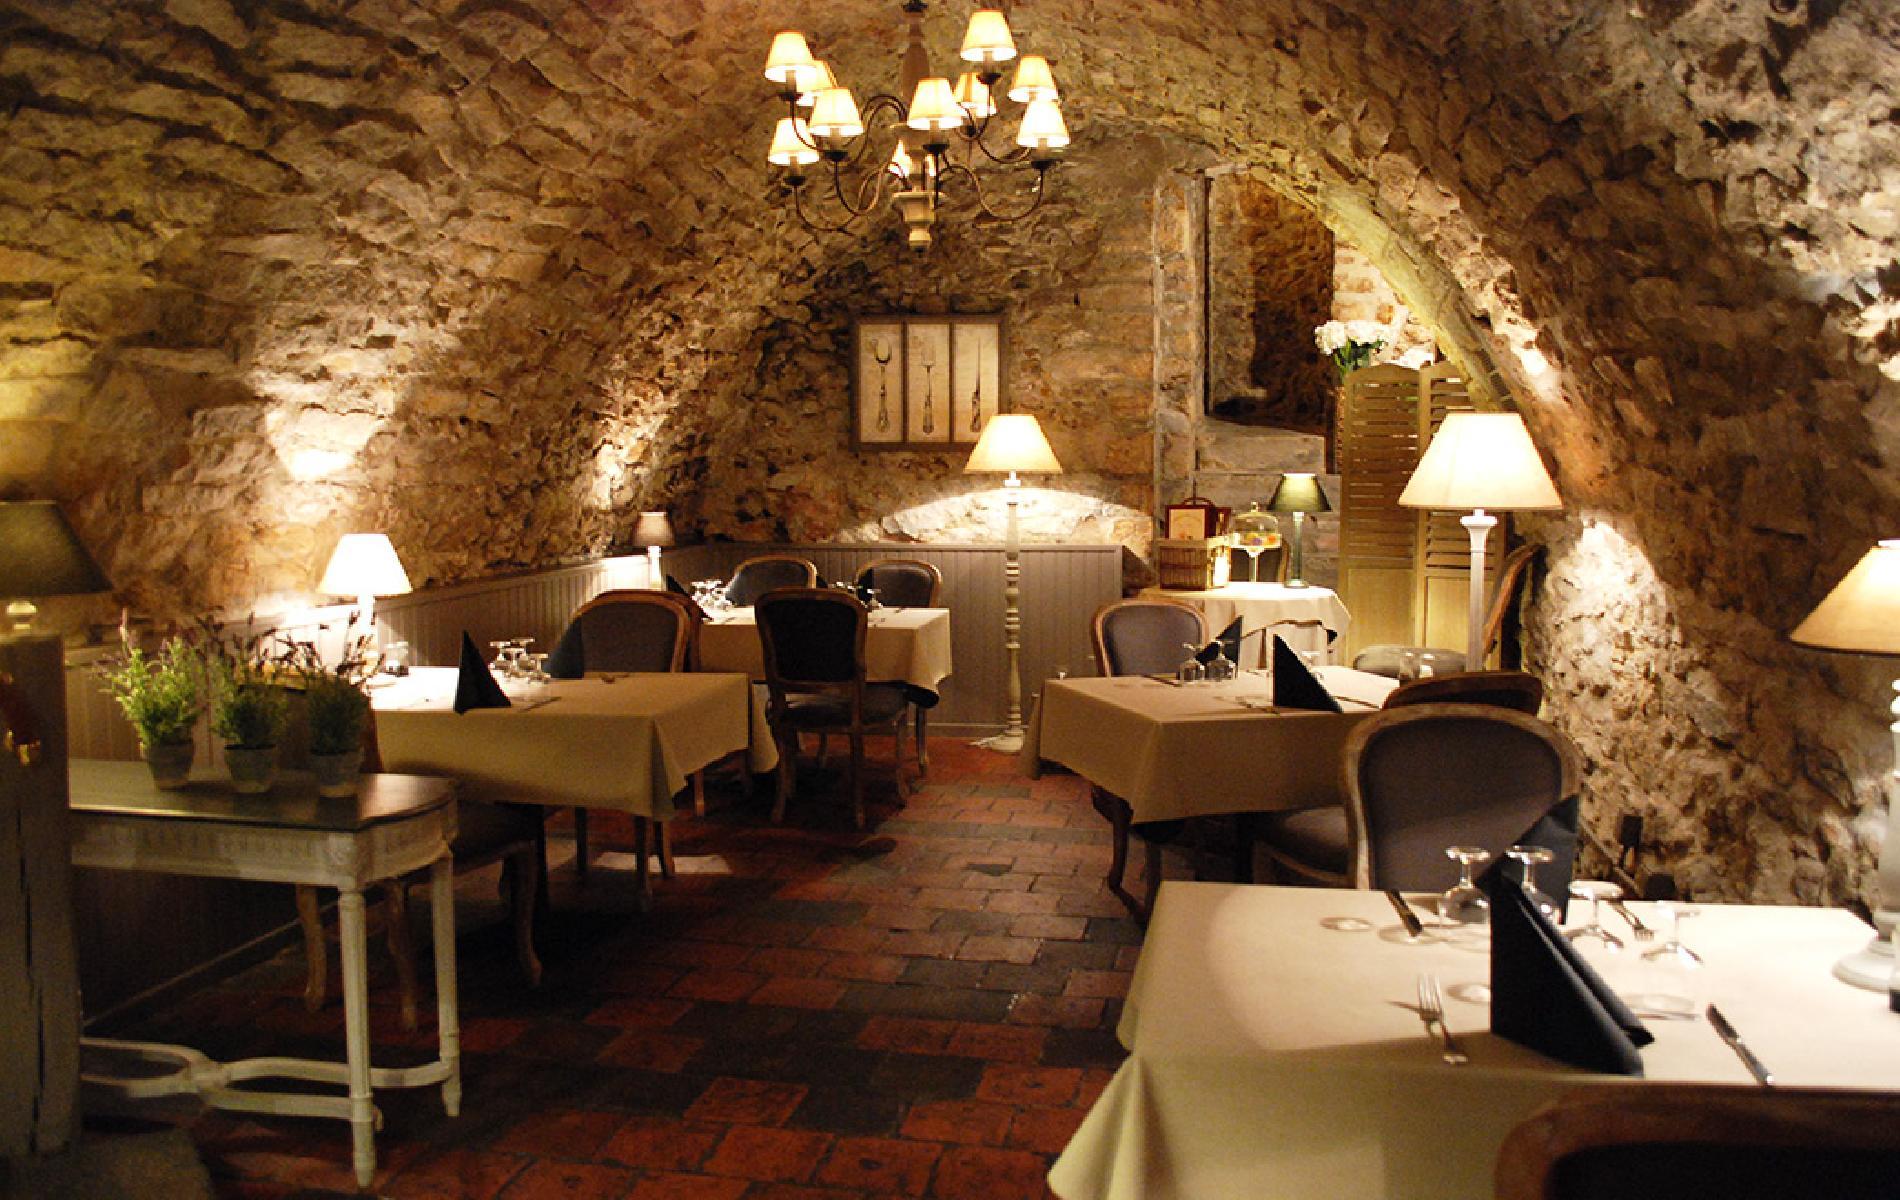 Hotel Le Mans Les chambres 4 continents Domaine de Chateany